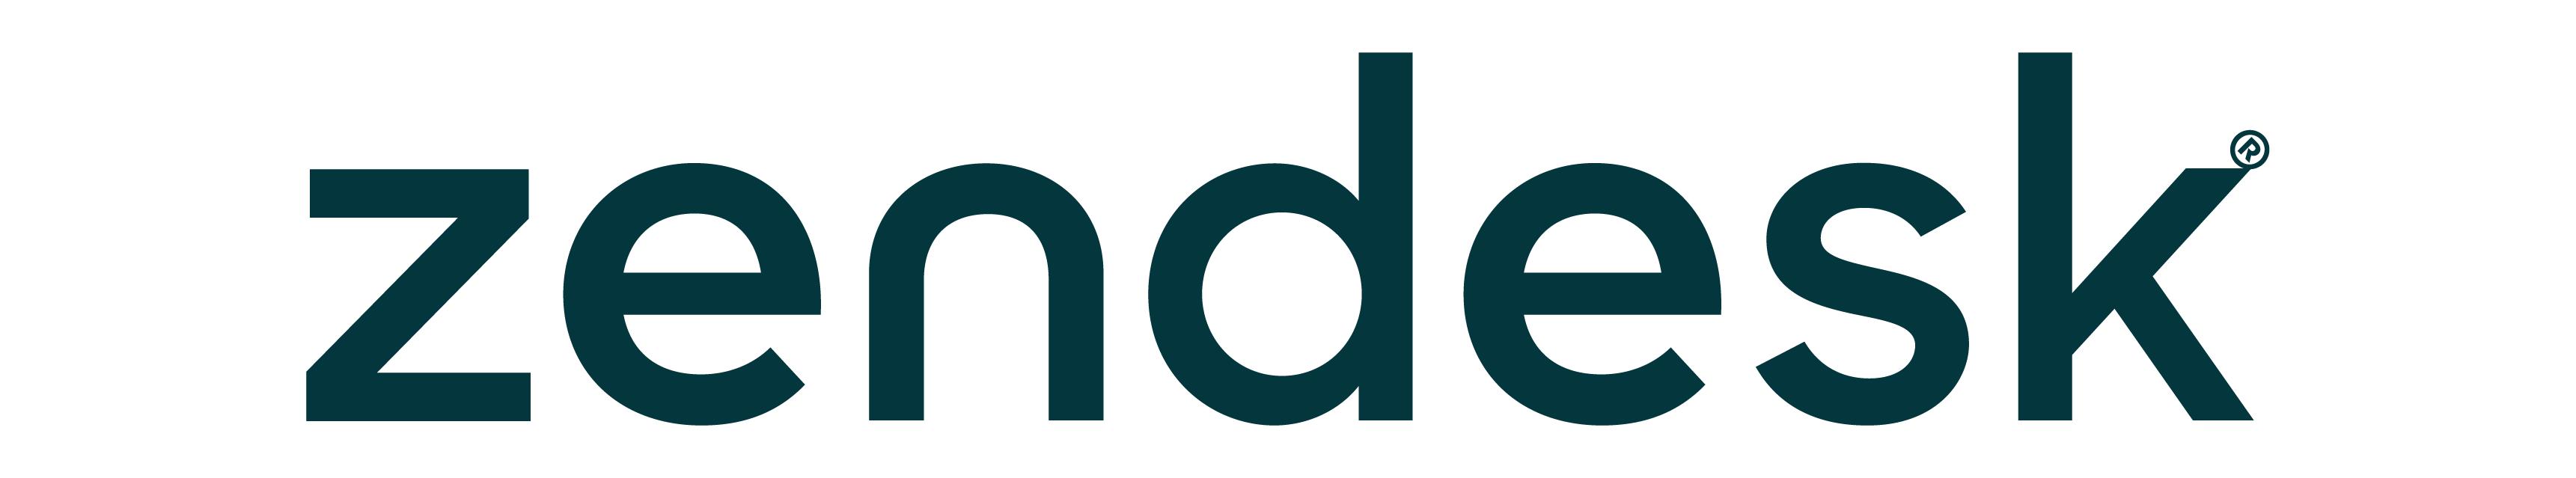 zendesk-wordmark